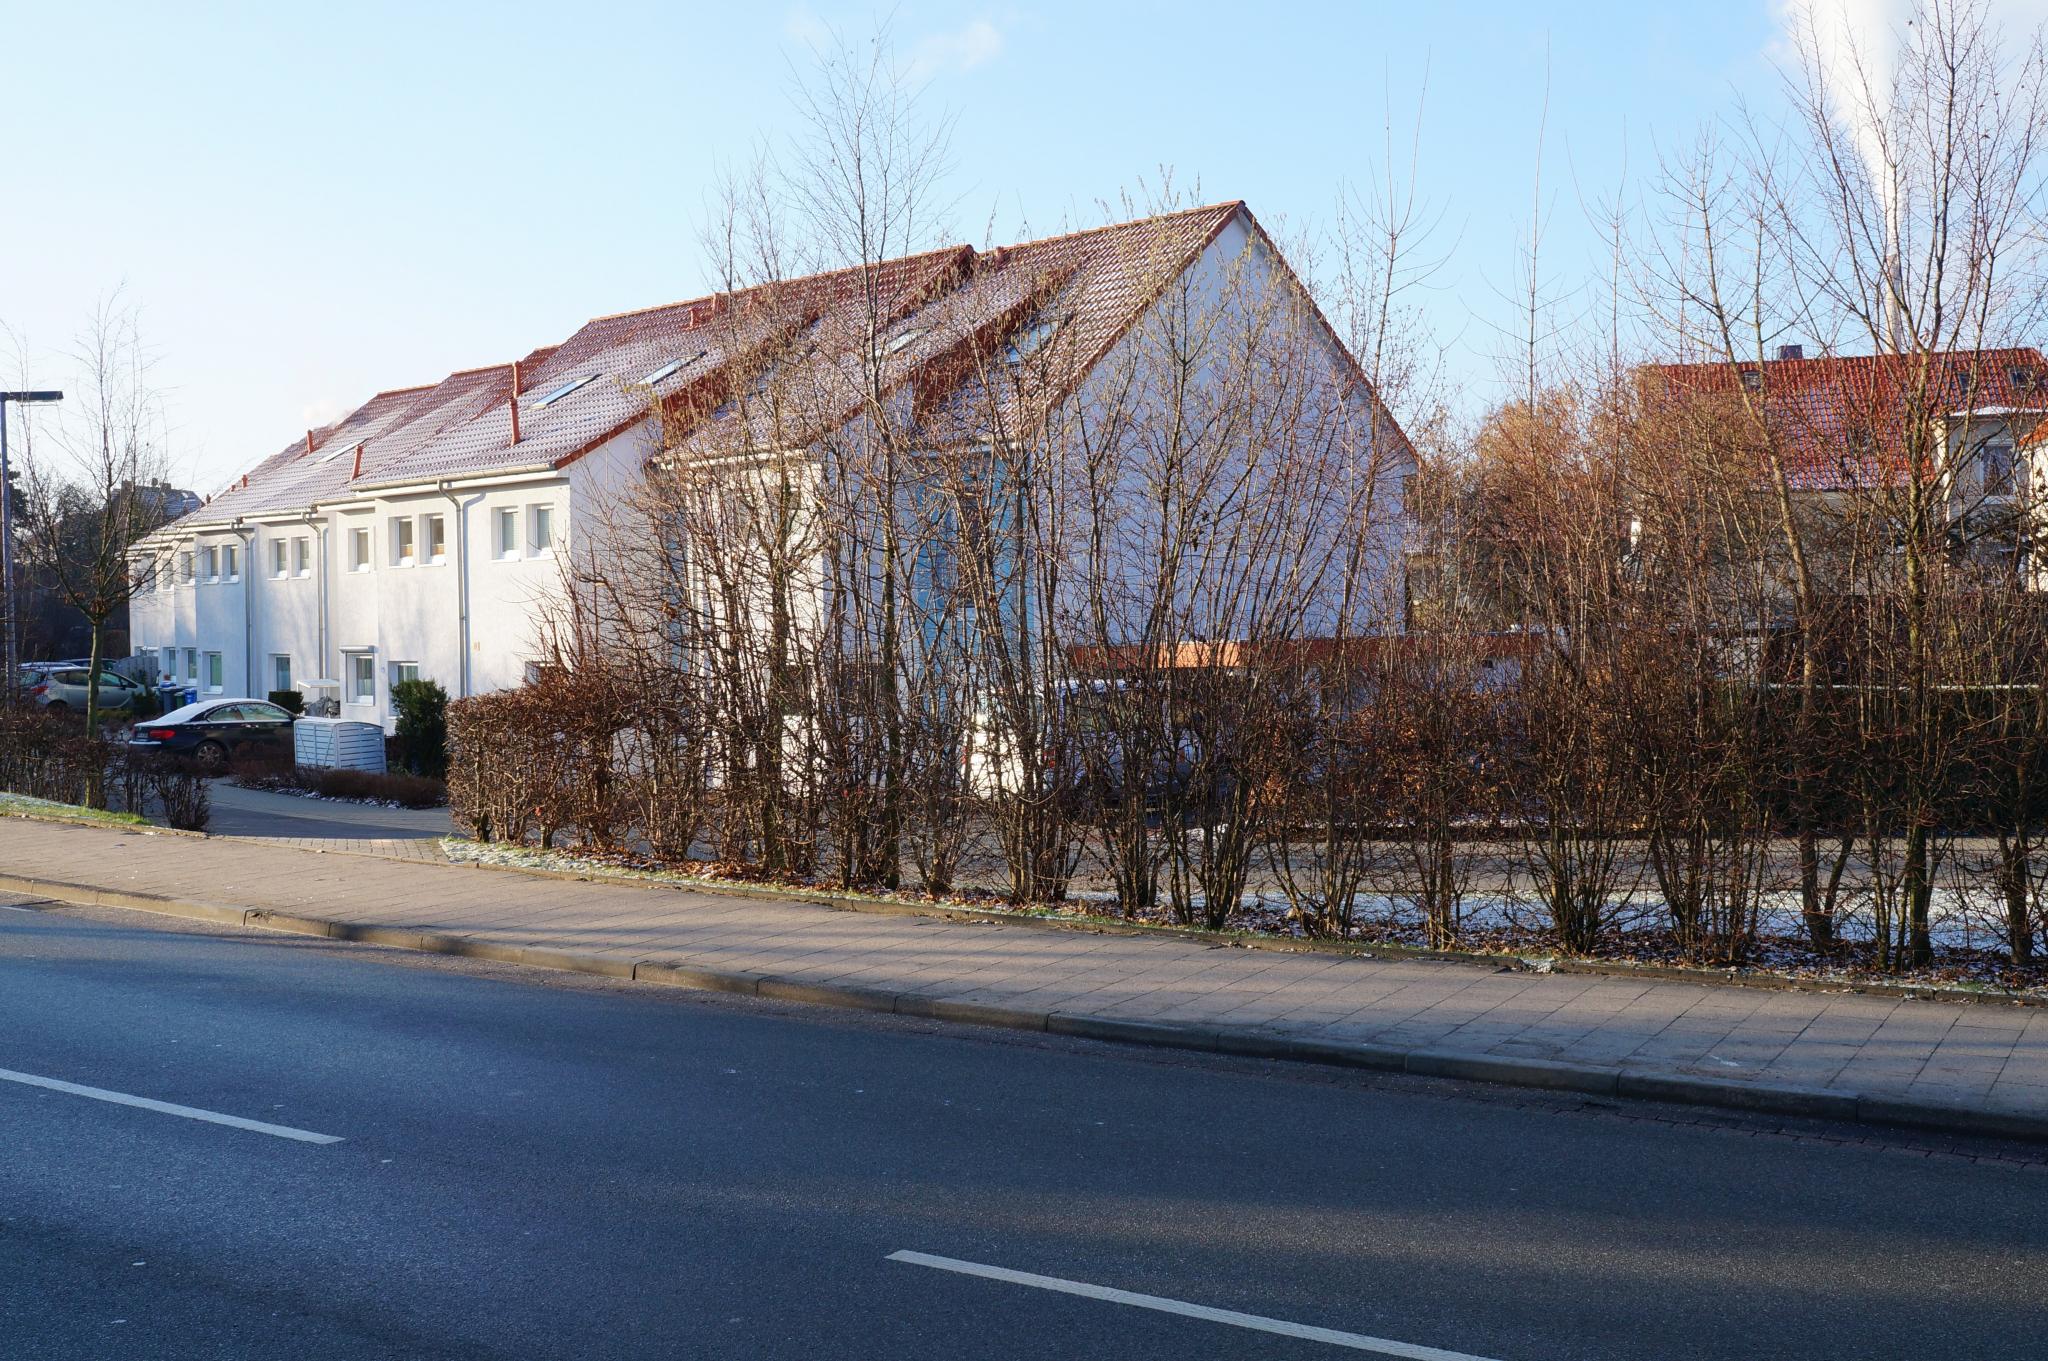 Gropiusring2013-01